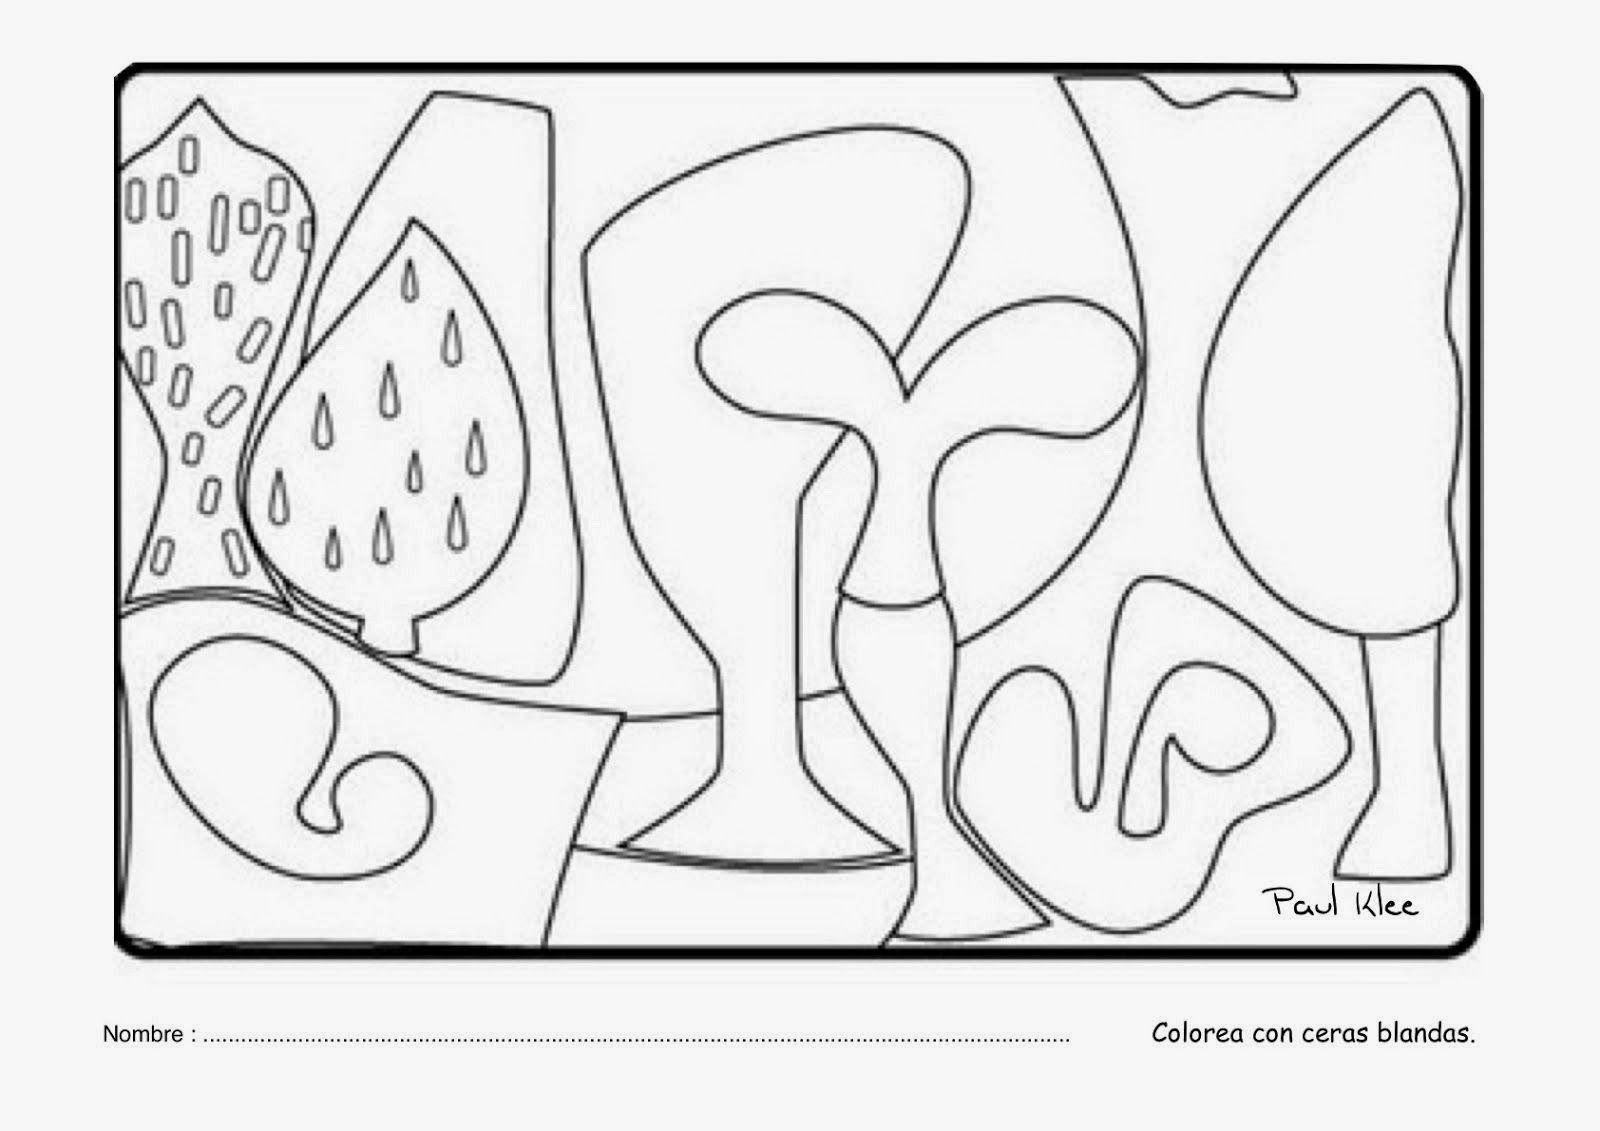 Cuadros De Paul Klee Para Colorear Landhaus Thomas R